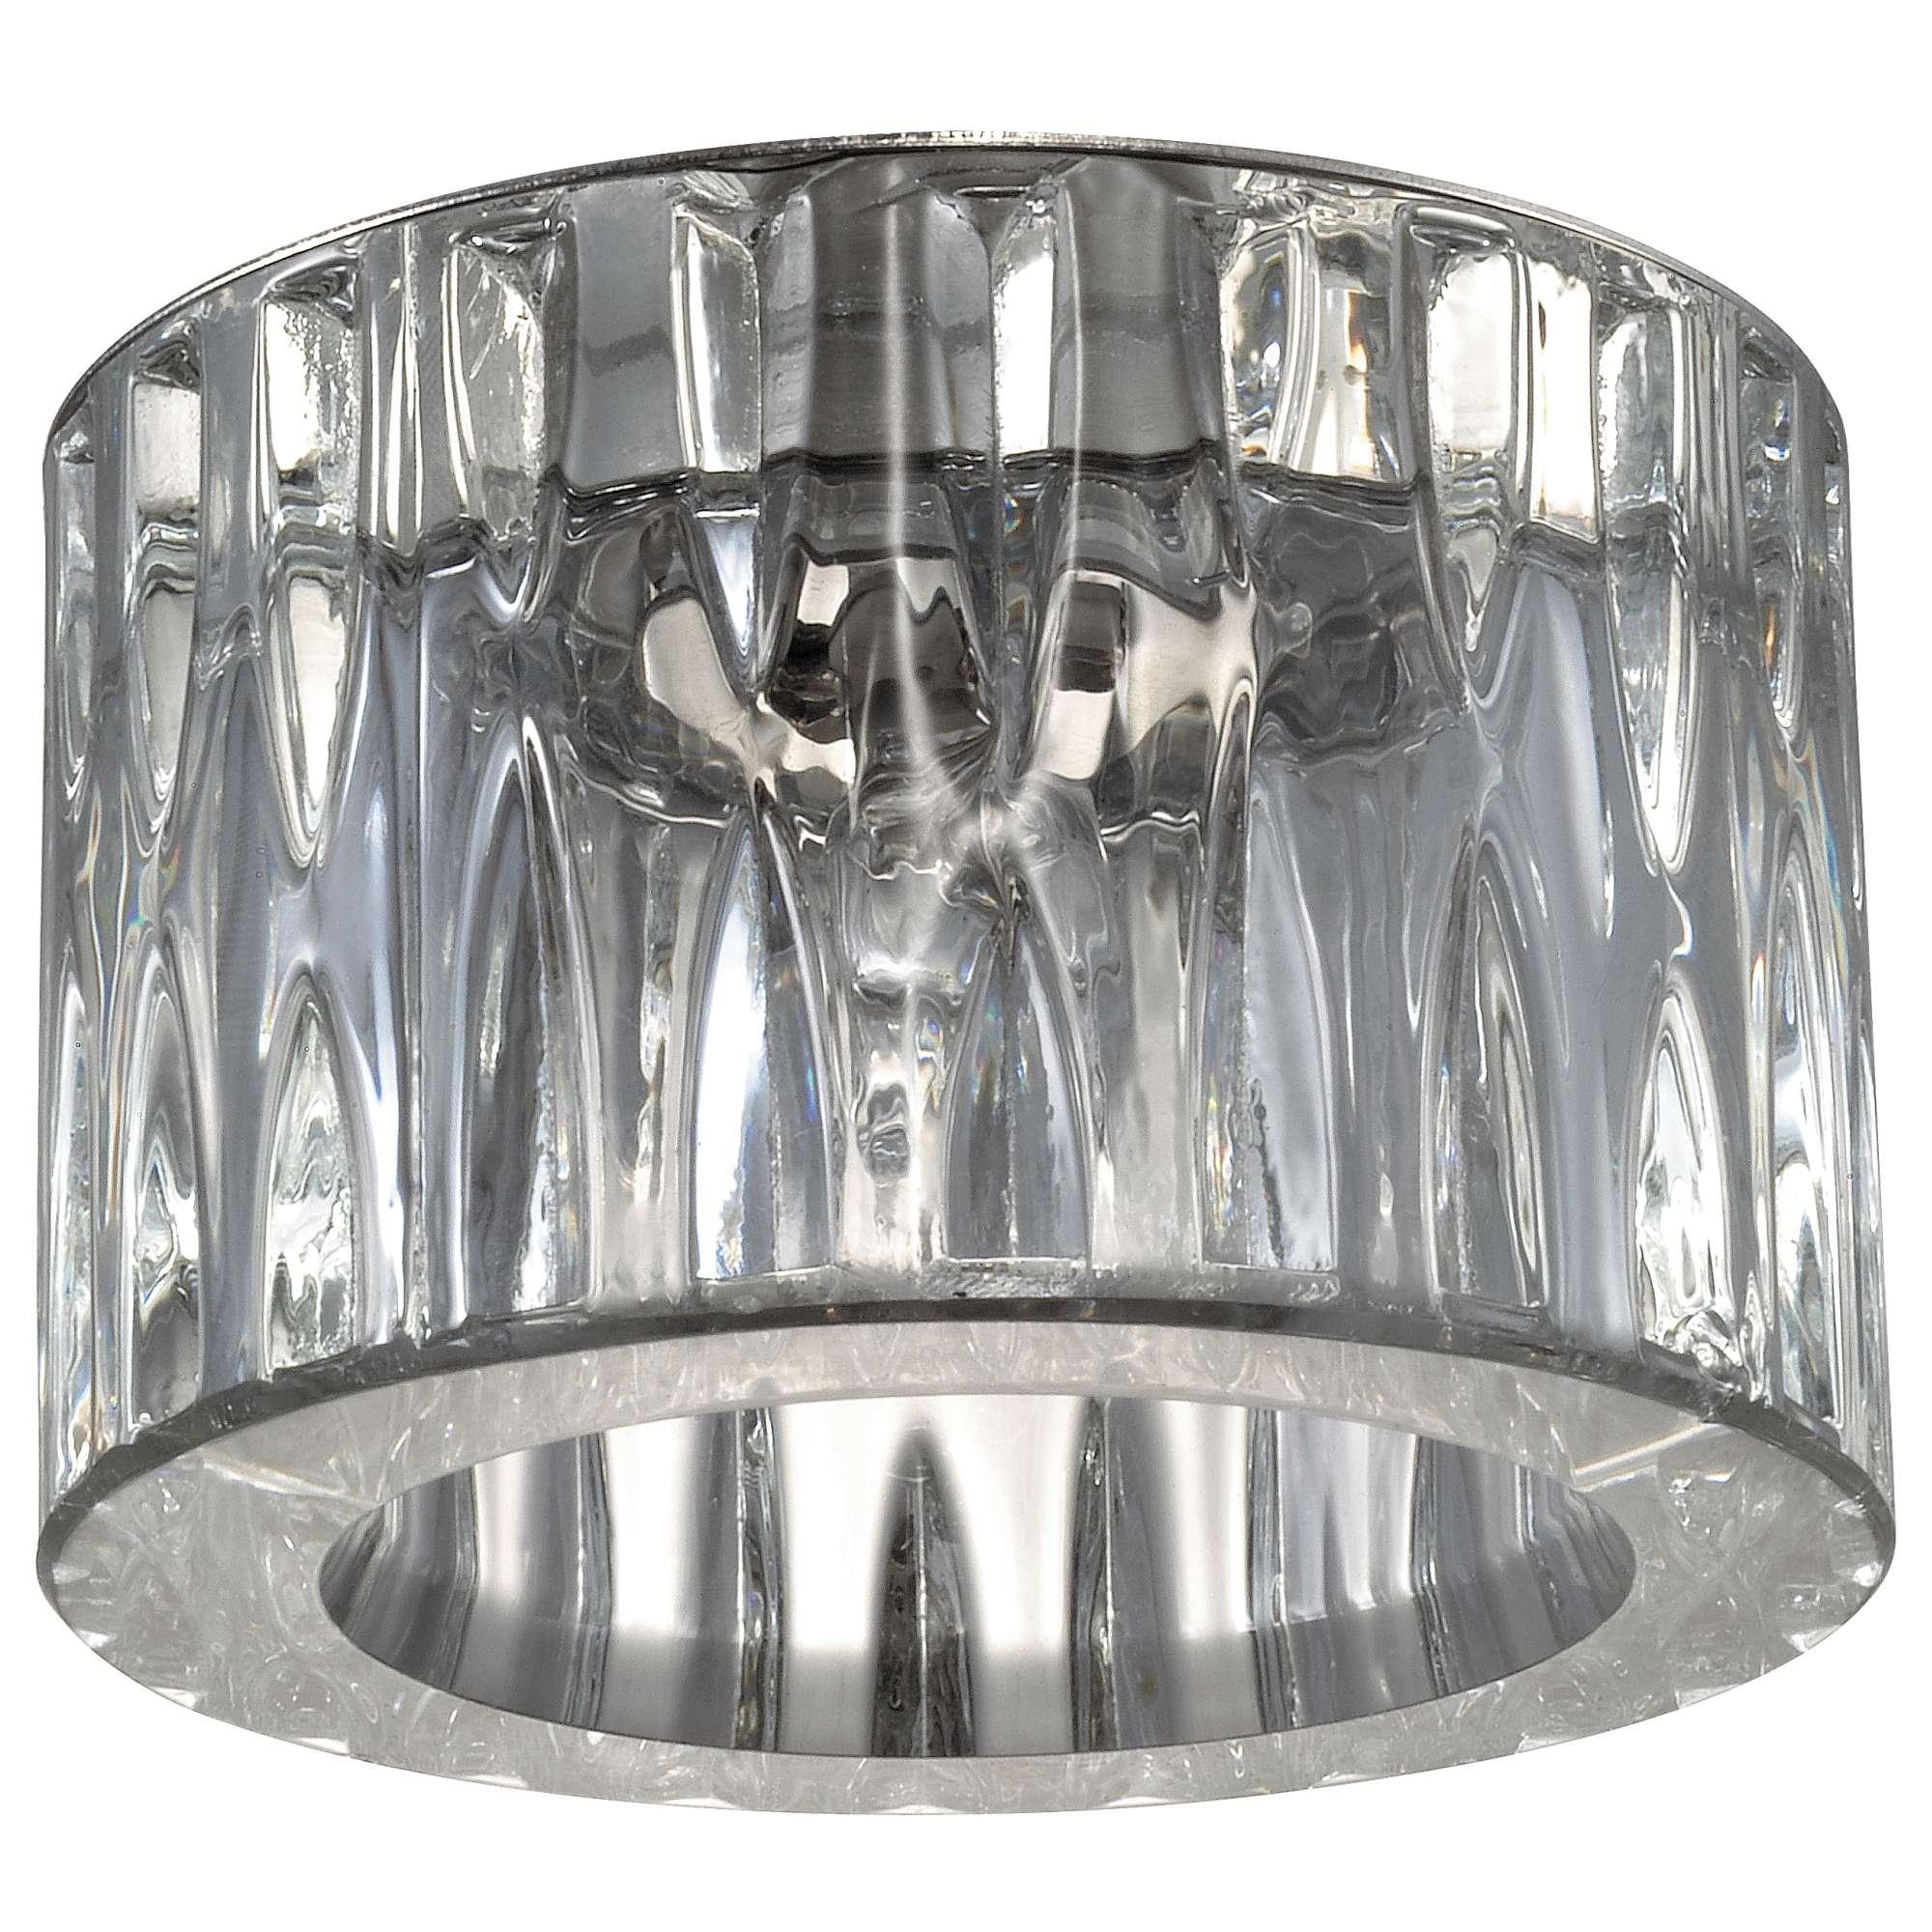 Светильник встраиваемый Novotech Vetro nt12 085 369602